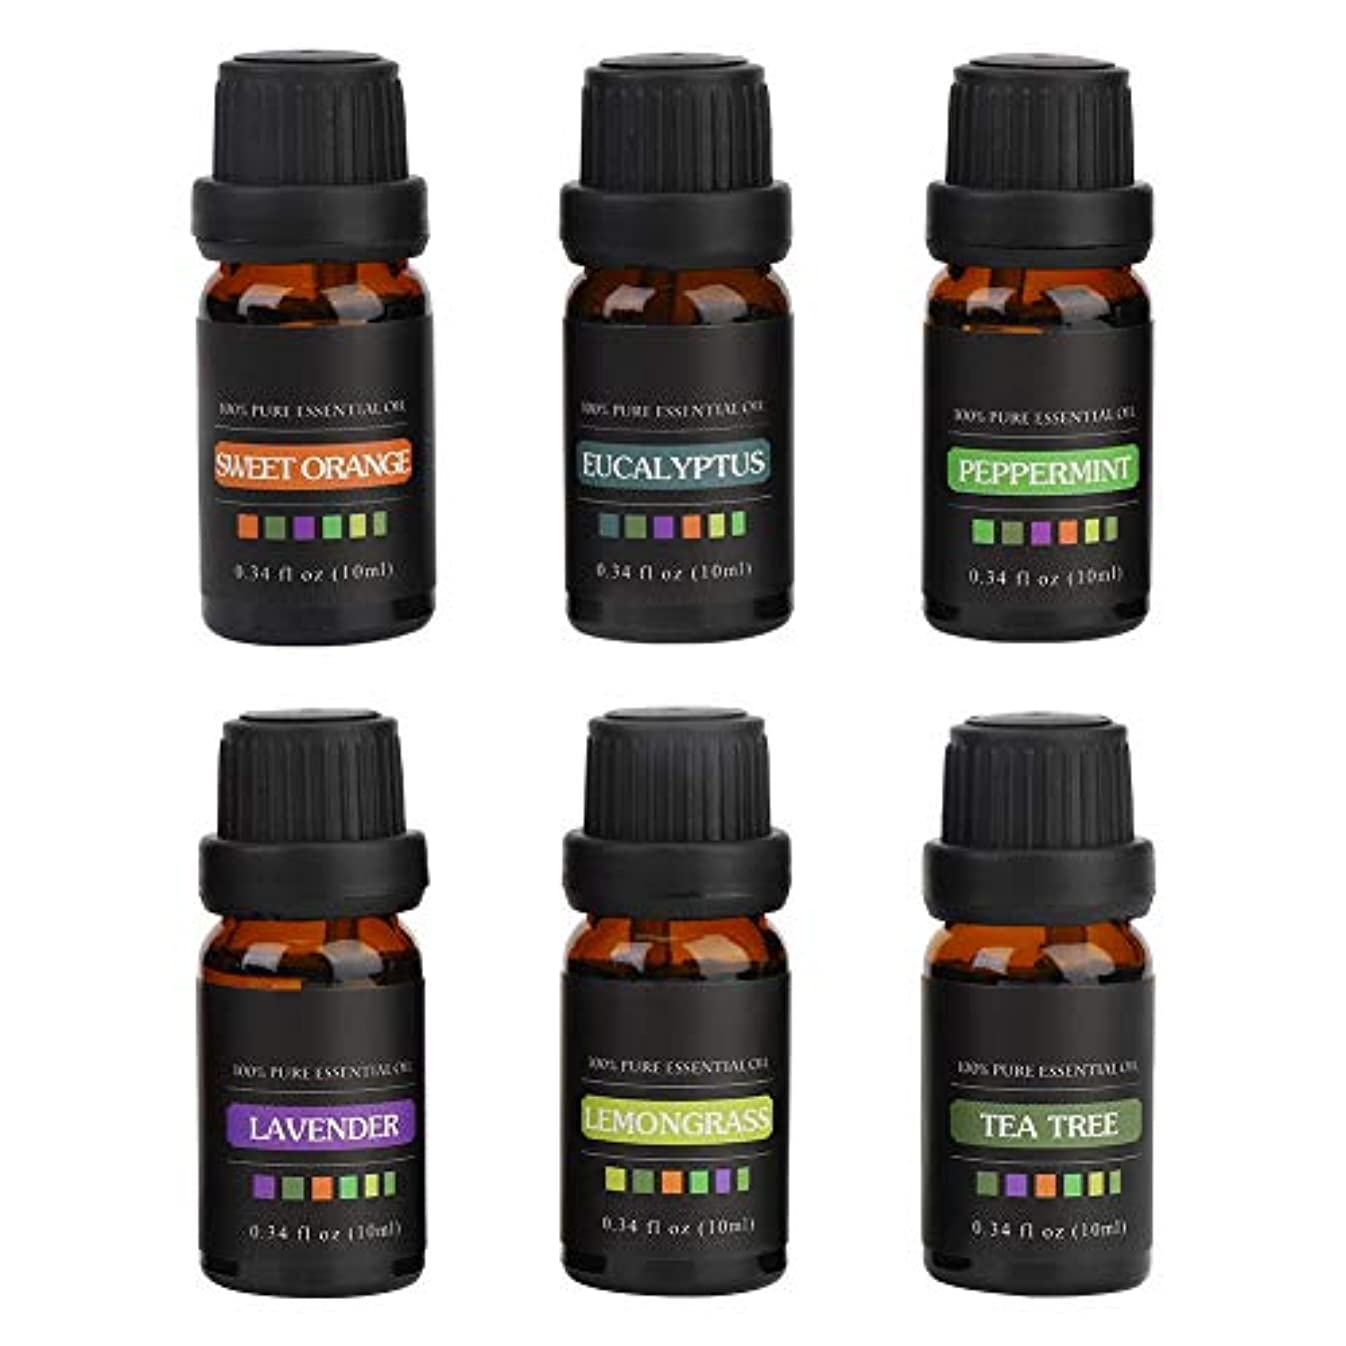 分泌する大陸望ましいエッセンシャルオイル - 6ボトルギフトSet10MLナチュラル香り高い入浴シャワーマッサージ血清リラックス